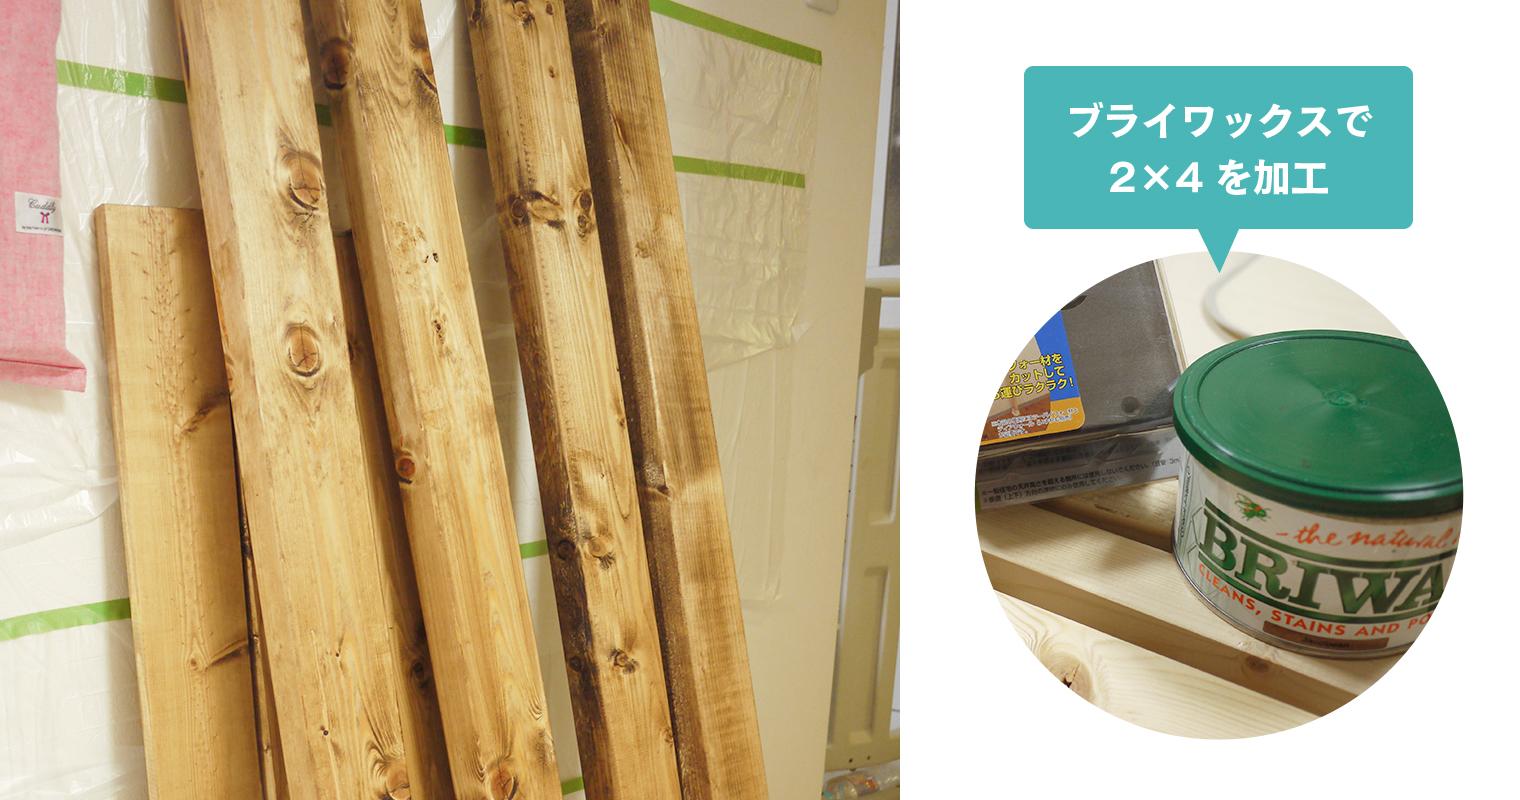 ブライワックスを塗り木材を加工